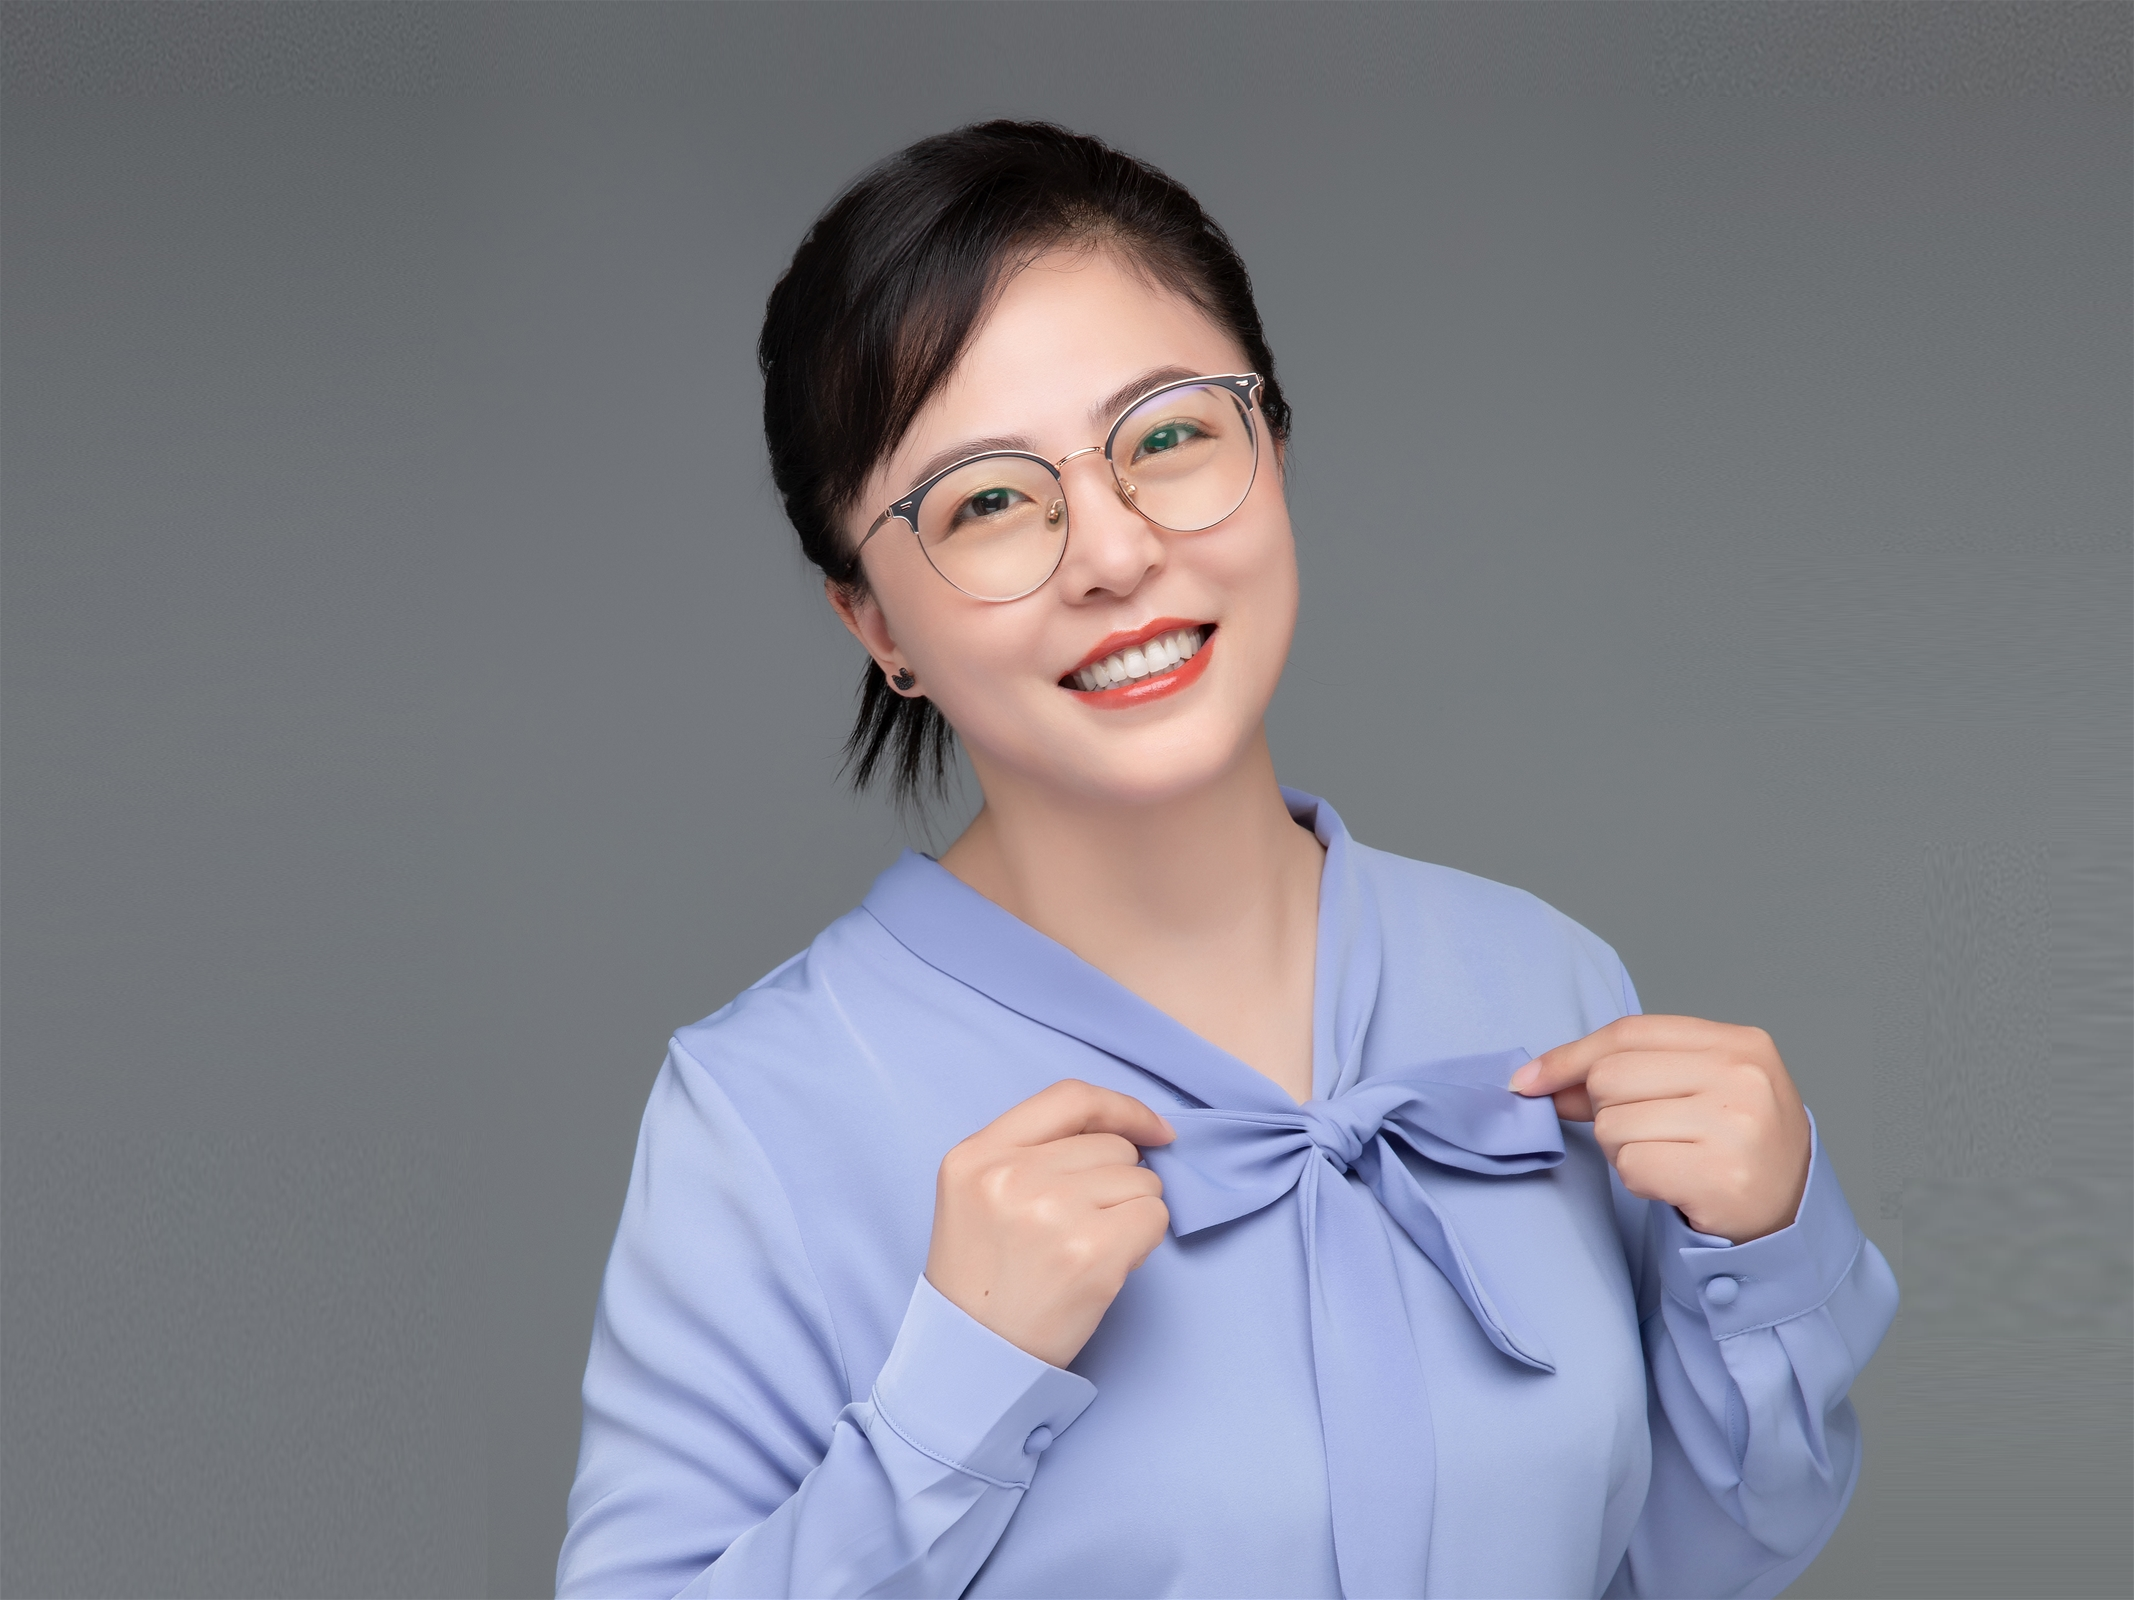 宿州聰明媽媽母嬰用品專營店創始人徐莉莉:均衡膳食營養 用新零售啟動硬核帶娃模式